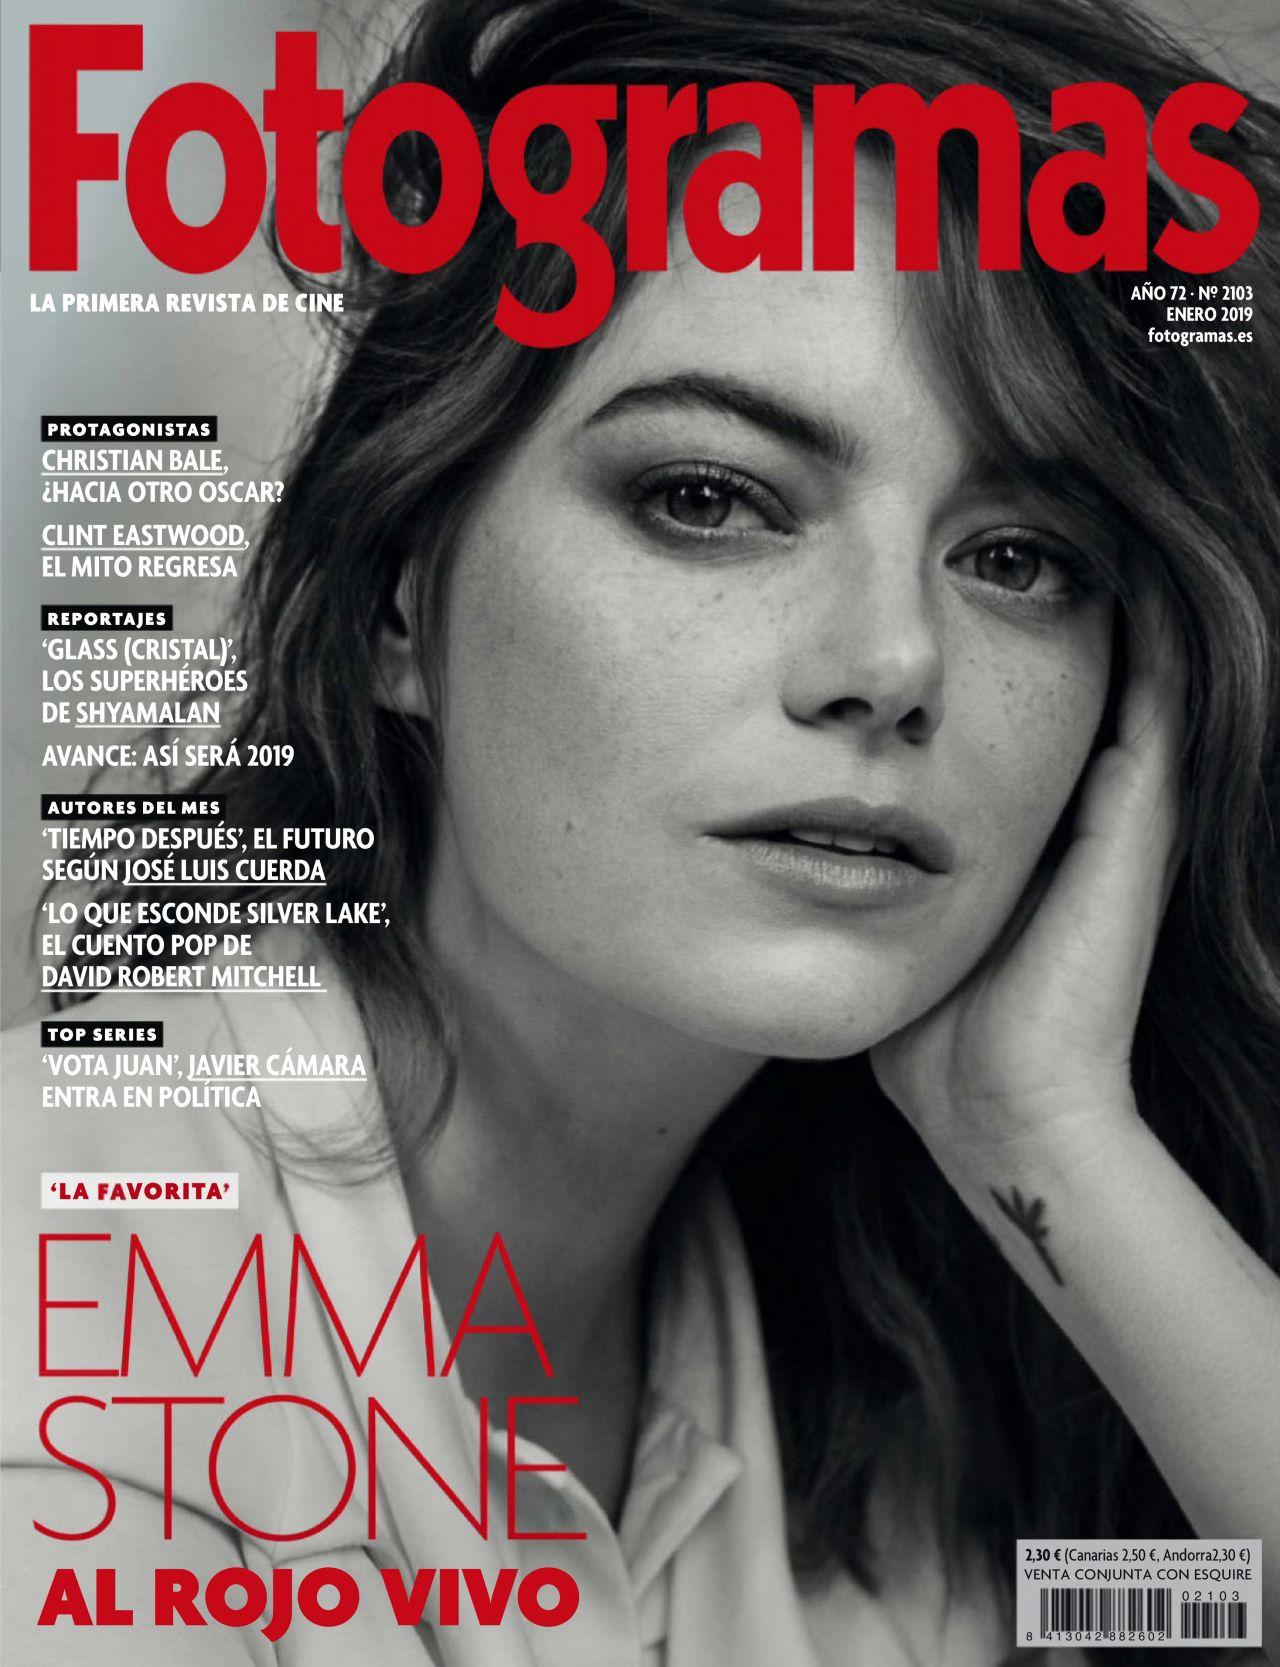 Fotogramas Magazine January 2019 Issue